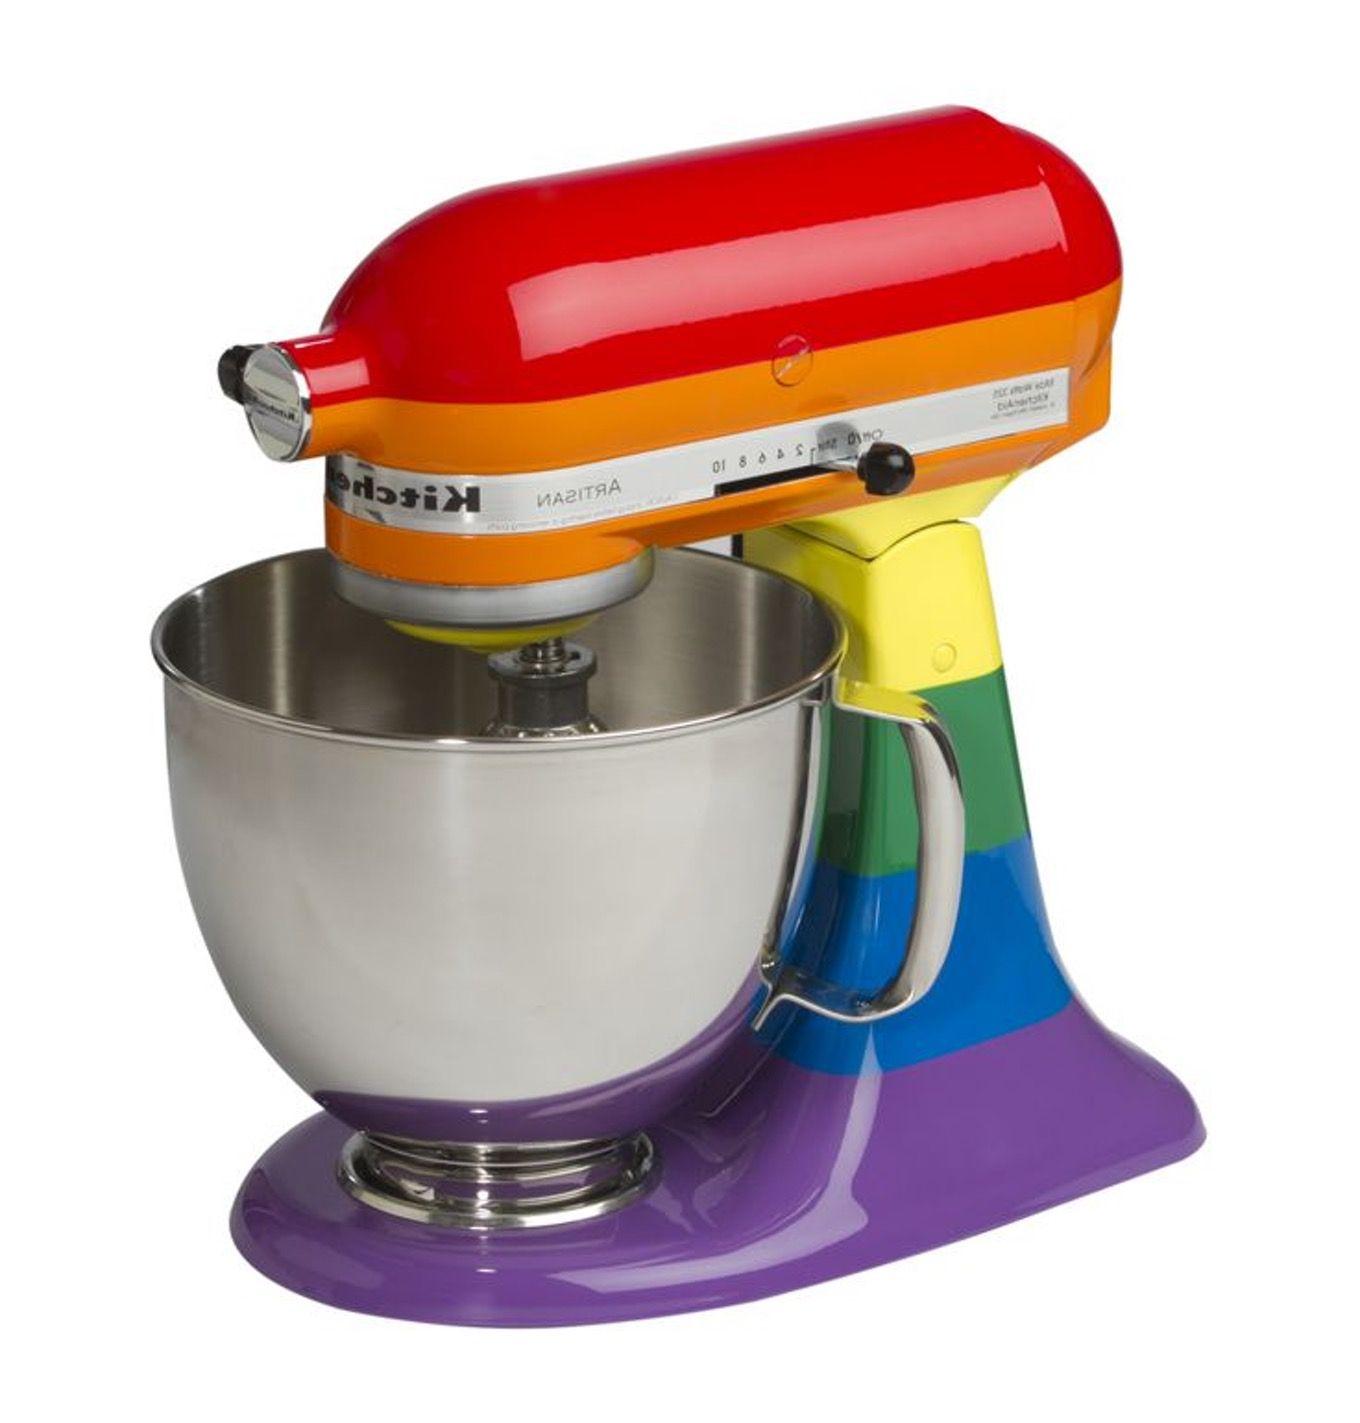 Cool Design Of Kitchenaid Mixer Walmart For Mesmerizing Kitchen